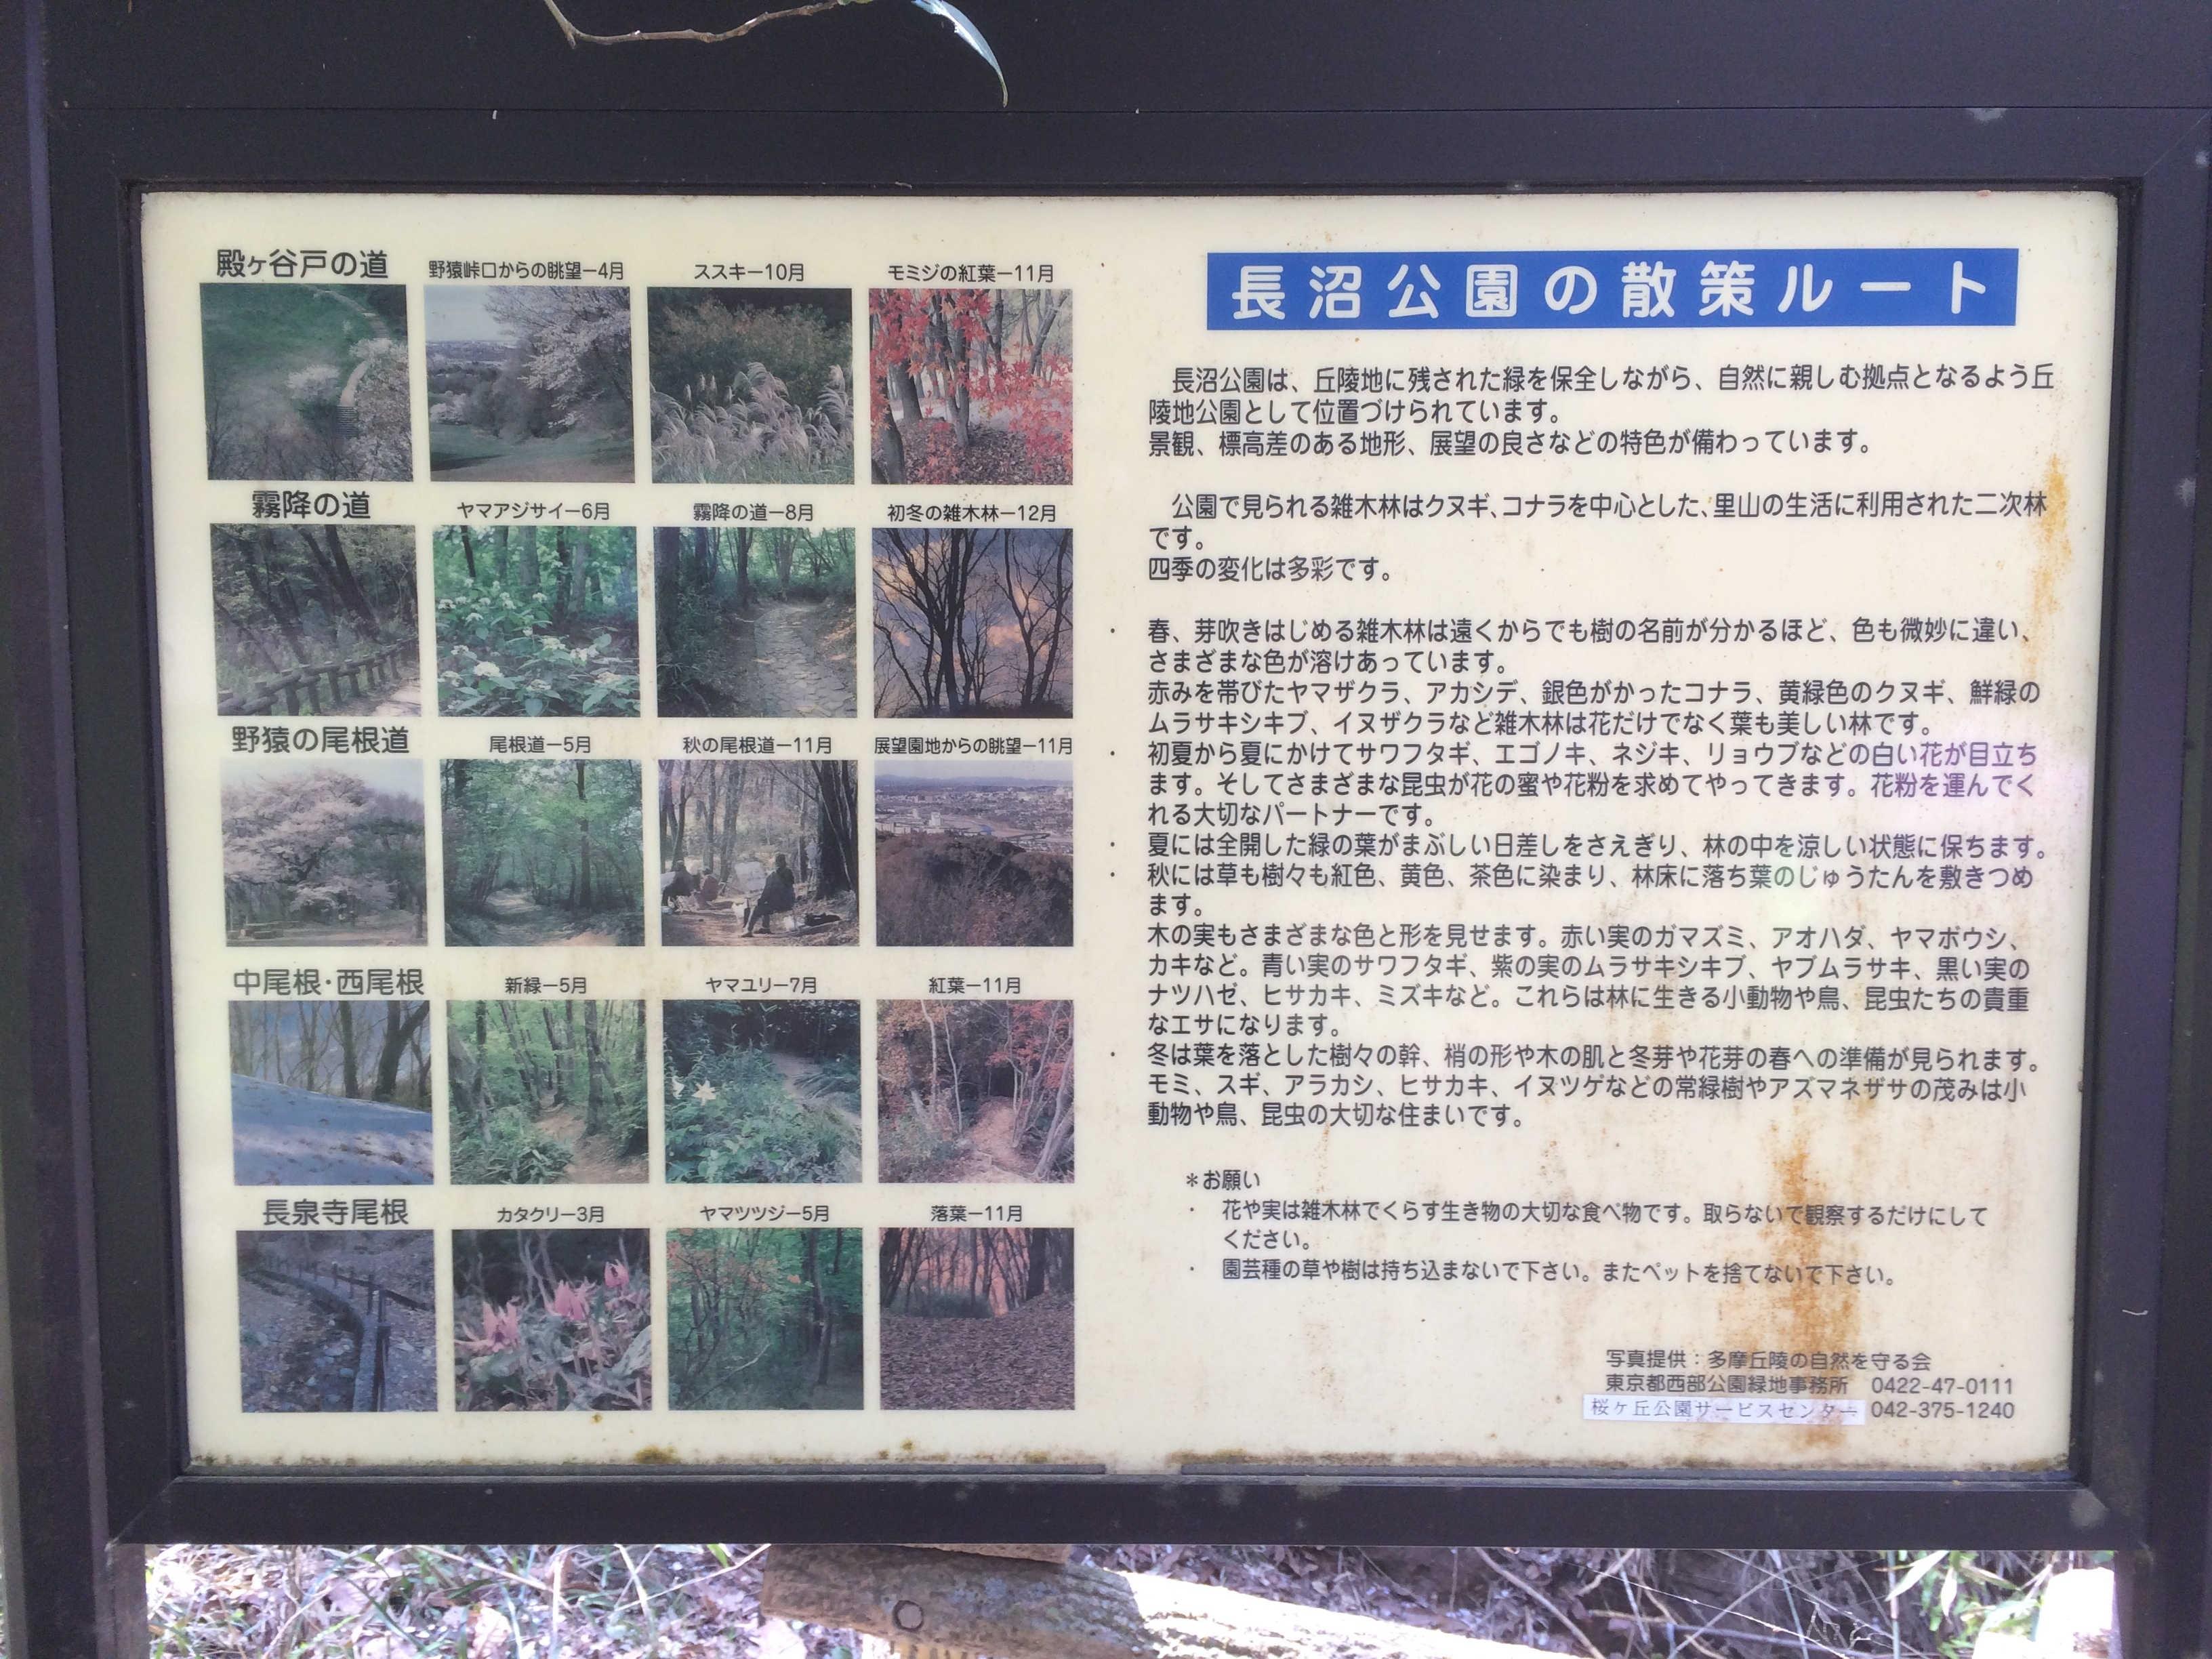 長沼公園の散策ルート